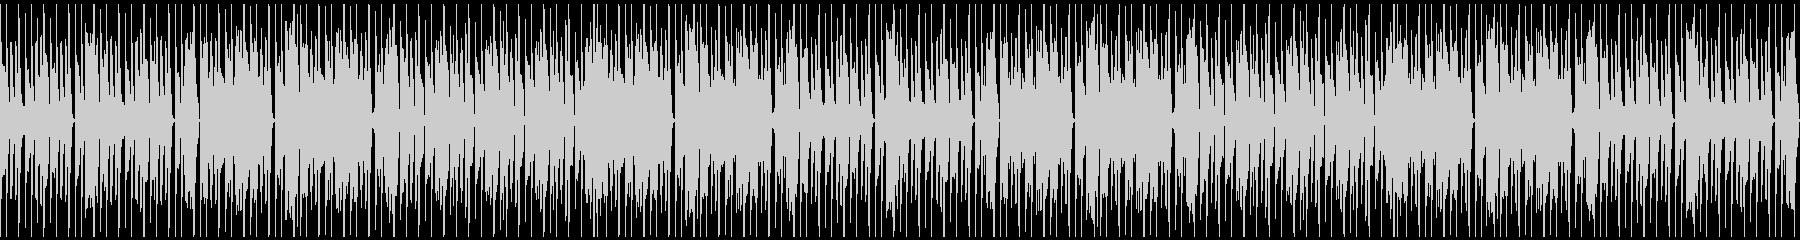 特徴的なリズムのキラキラシンセポップの未再生の波形